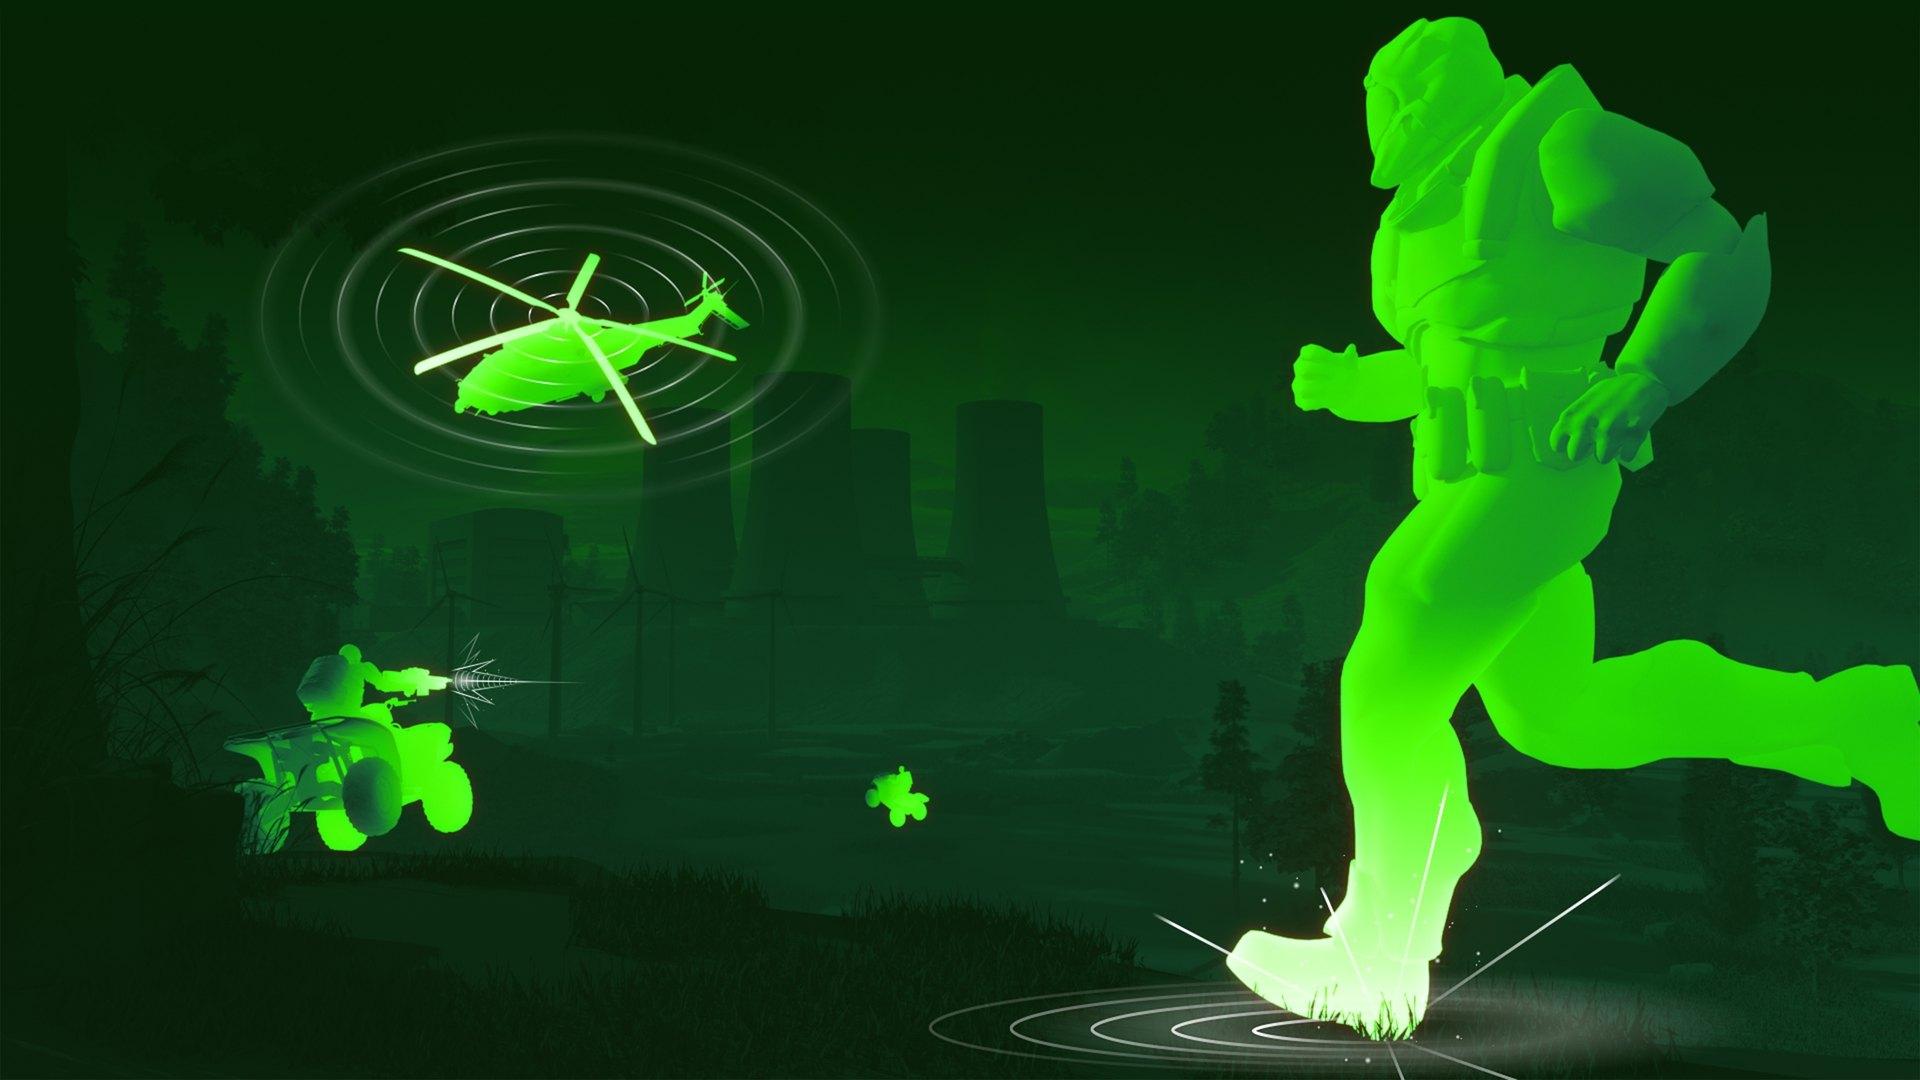 Image de jeu avec des pas de soldat faisant du bruit et des ondes acoustiques provenant de ses pas